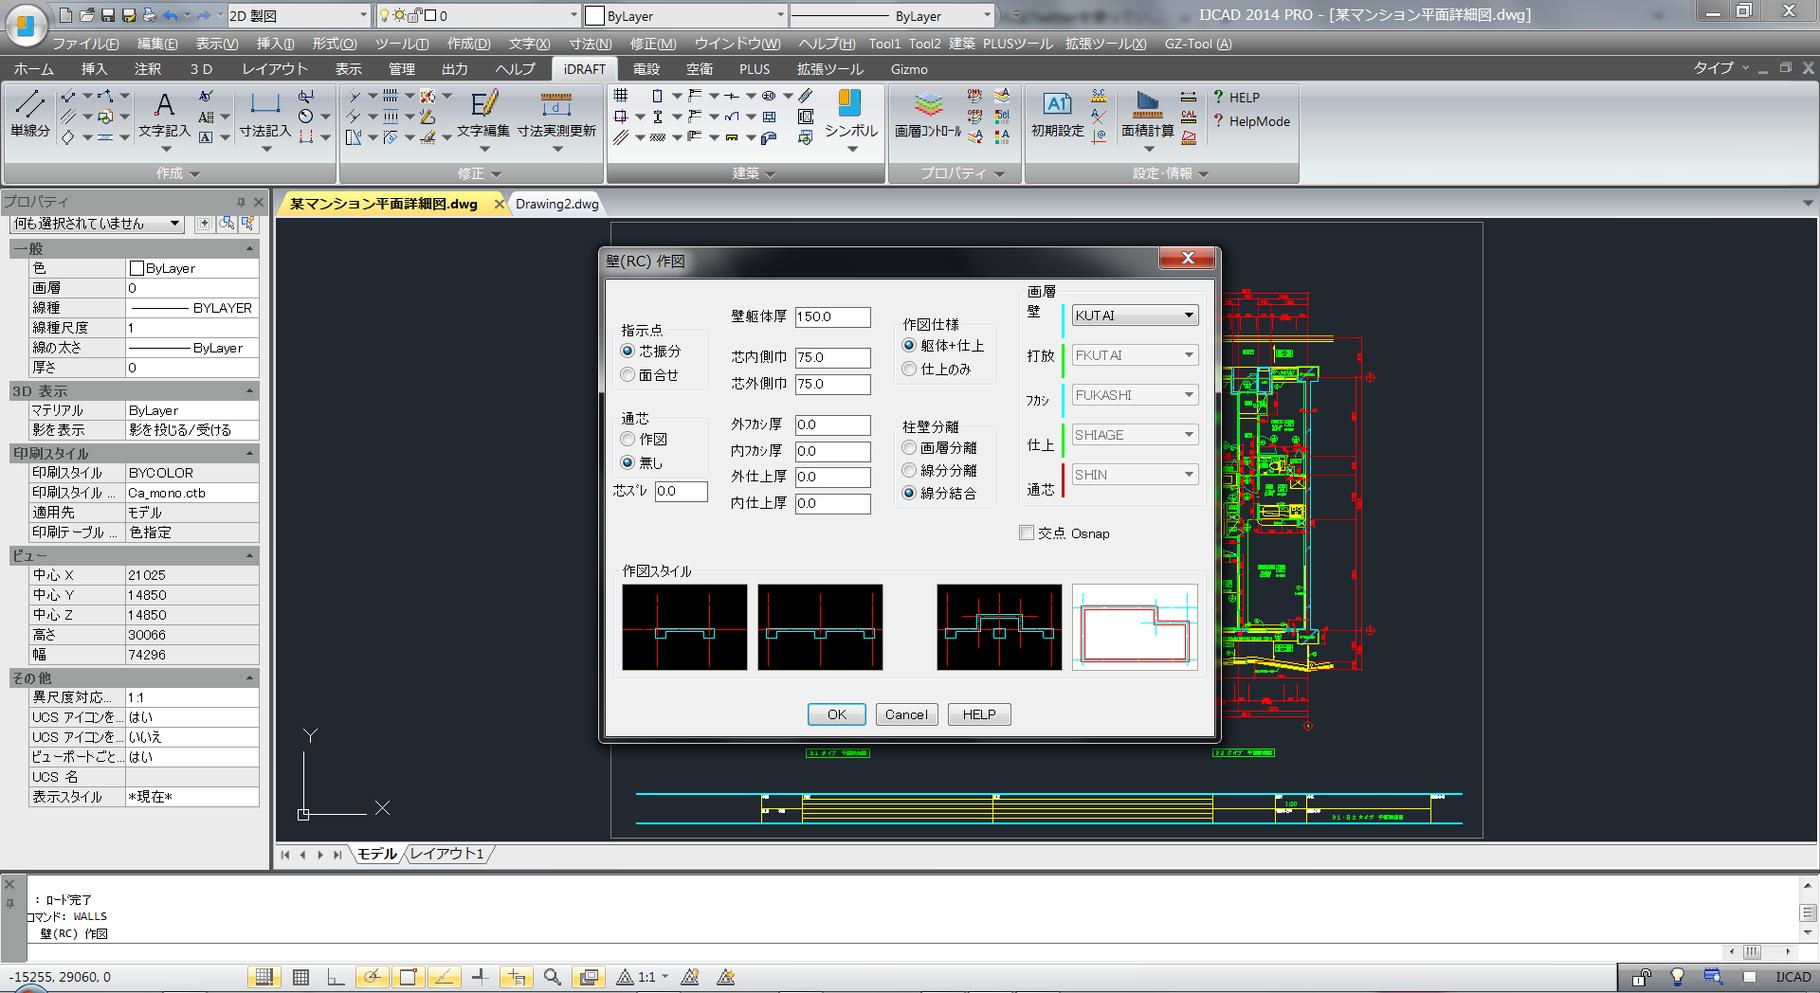 壁や柱などの作図は、パラメータ指定で素早く作図が可能